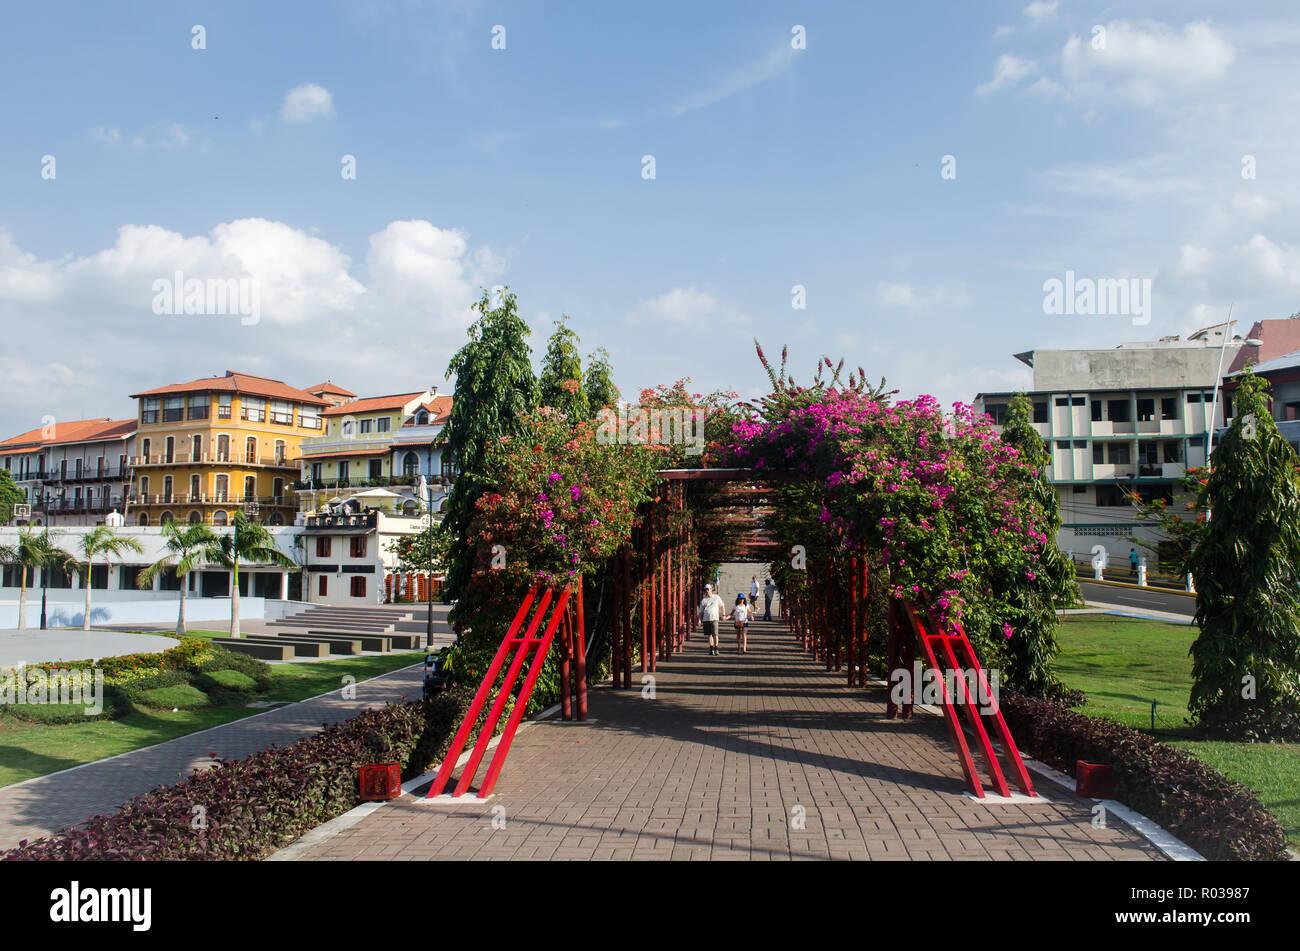 Il lussureggiante paesaggio di 'Parque V Centenario' all'ingresso della vecchia città di Panama quartiere. La vecchia città edifici può essere visto in lontananza Immagini Stock